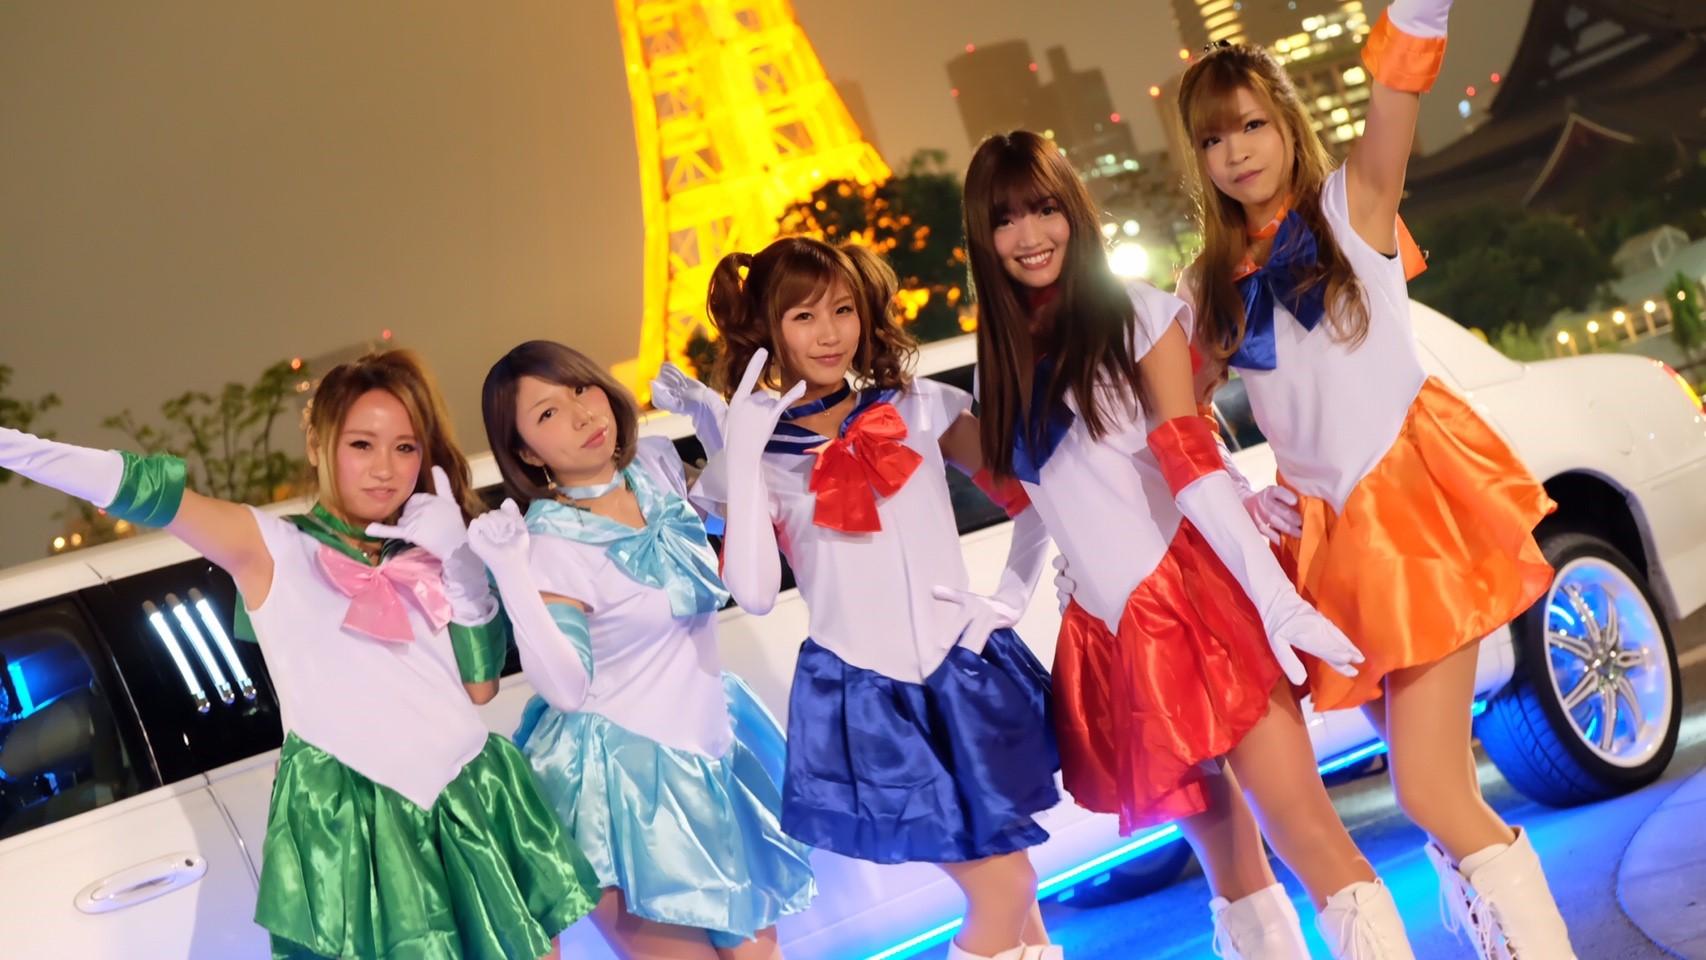 イベントで使えるリムジンは女子会・ハロウィン・イルミネーション・東京観光ツアーに最適なリムジンパーティーです。